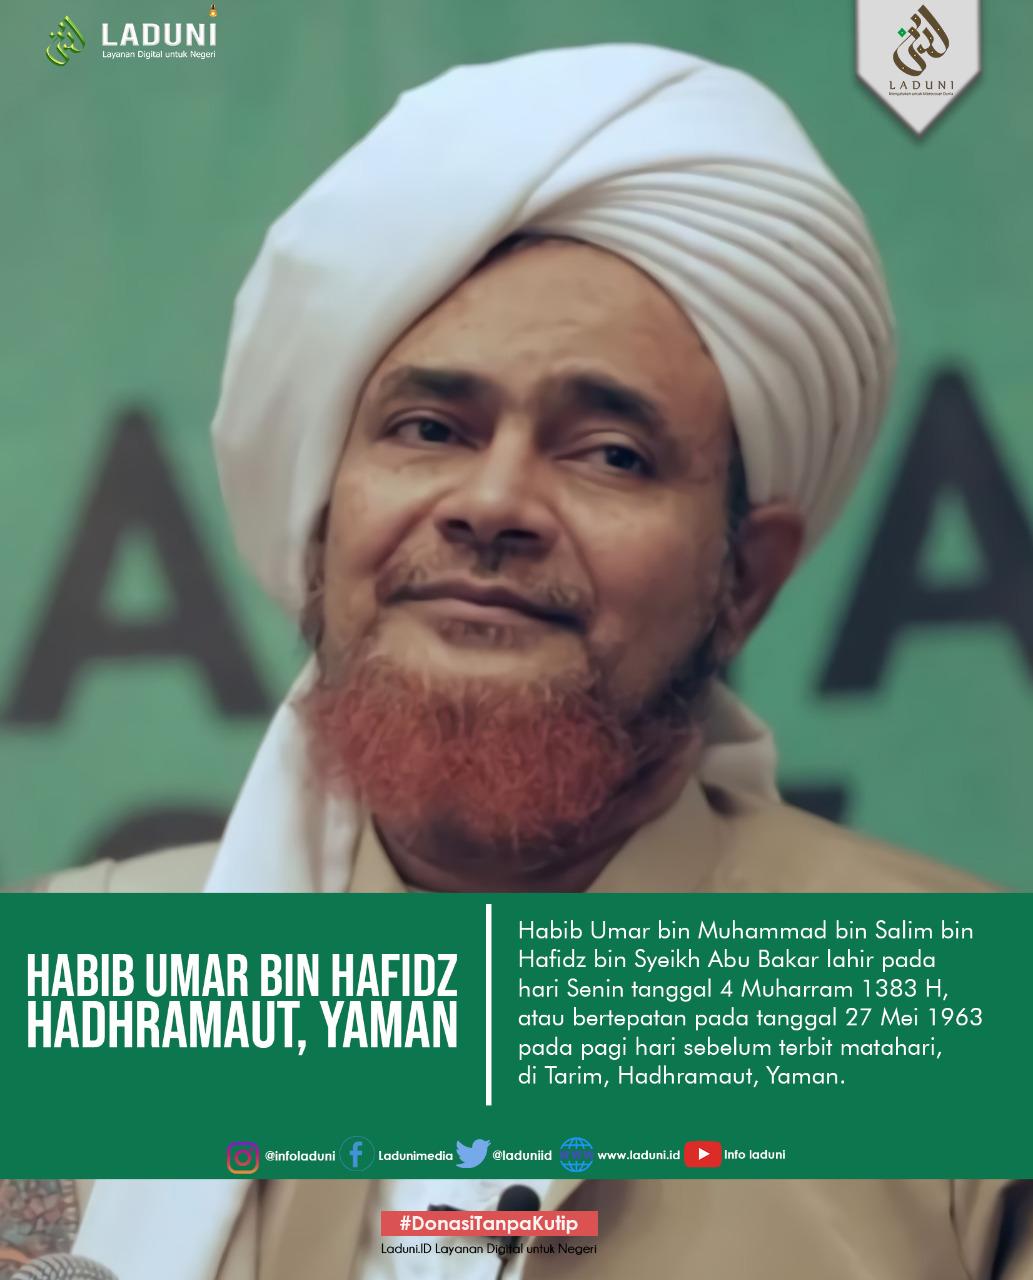 Biografi Habib Umar bin Muhammad bin Salim bin Hafidz